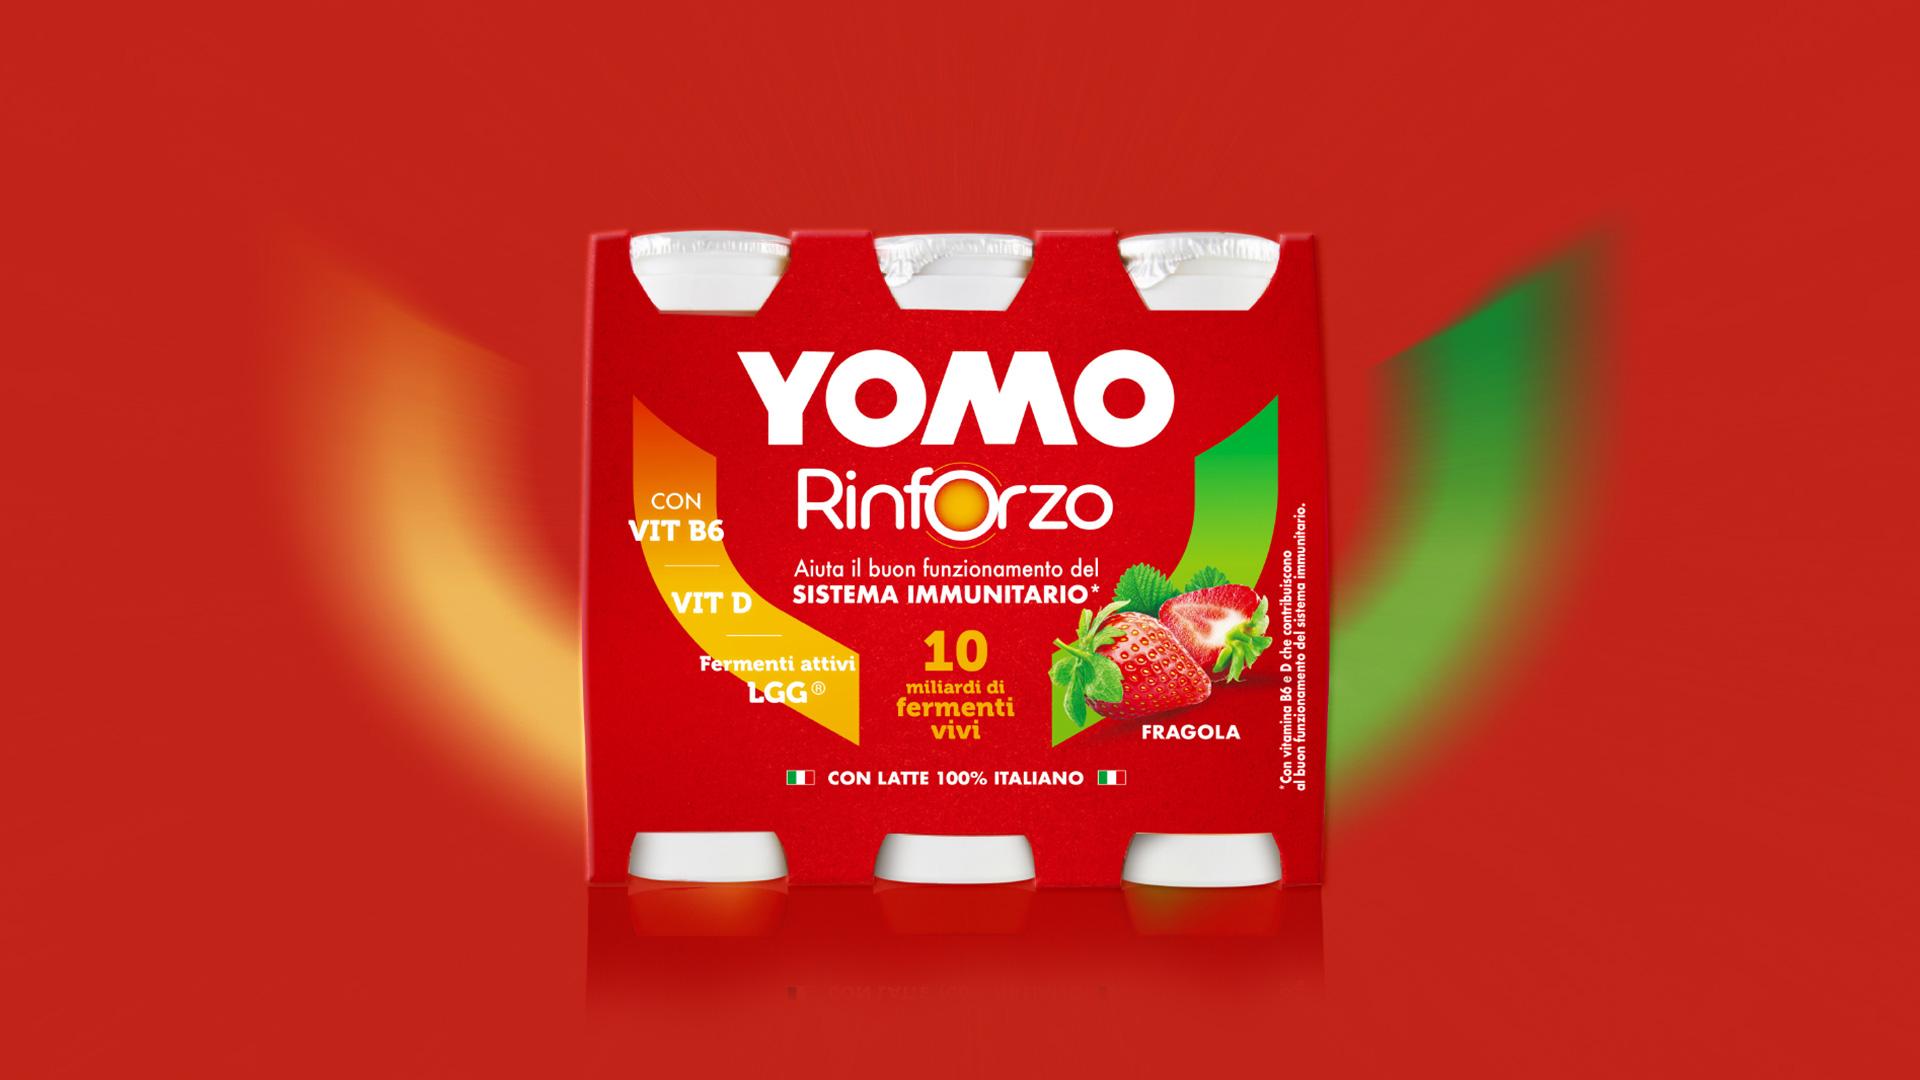 Yomo-Rba-Design-003